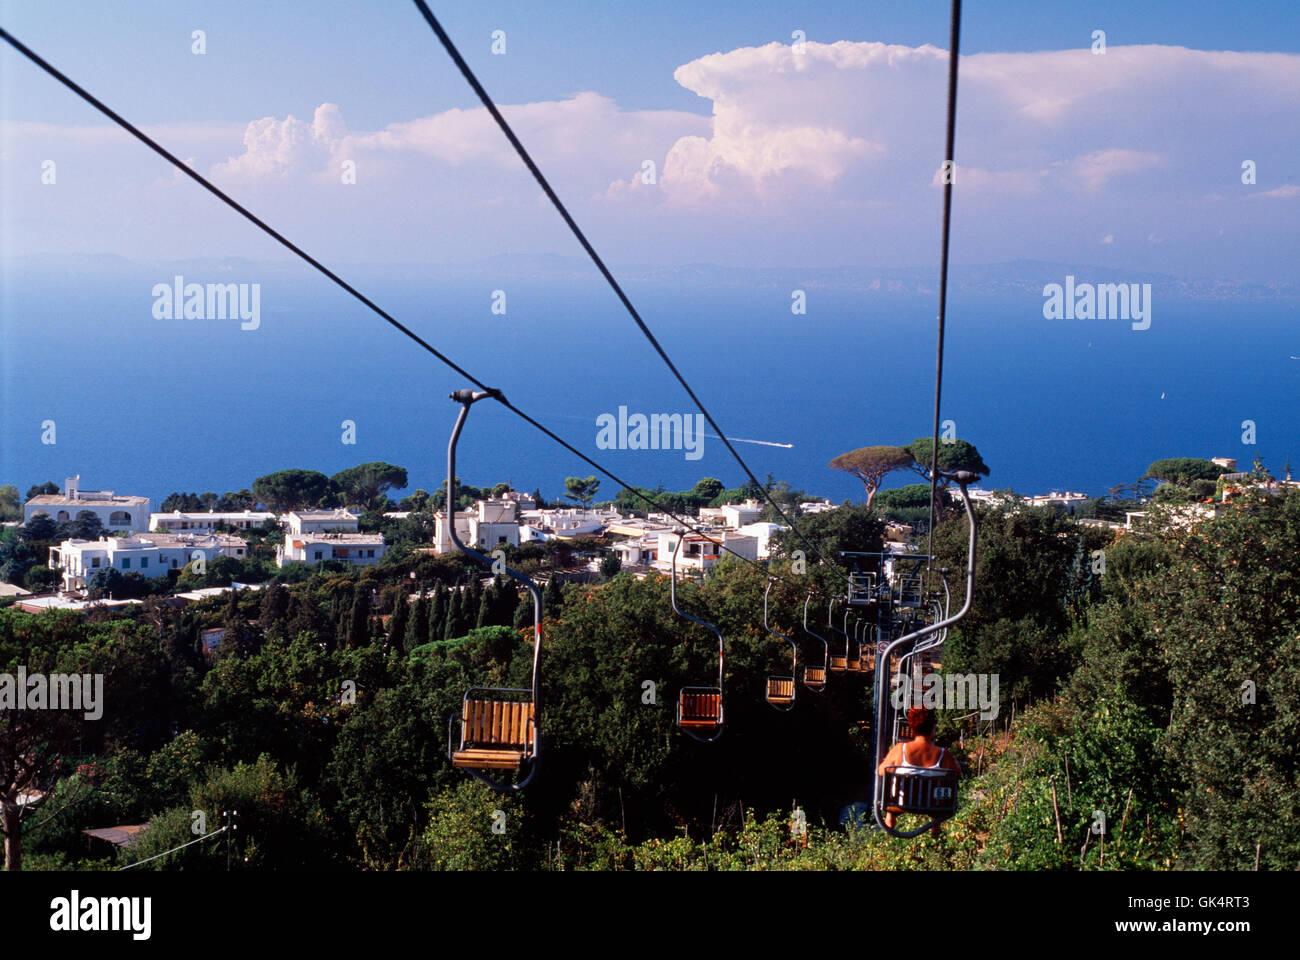 the chair lift anacapri monte solaro stock photos the chair lift